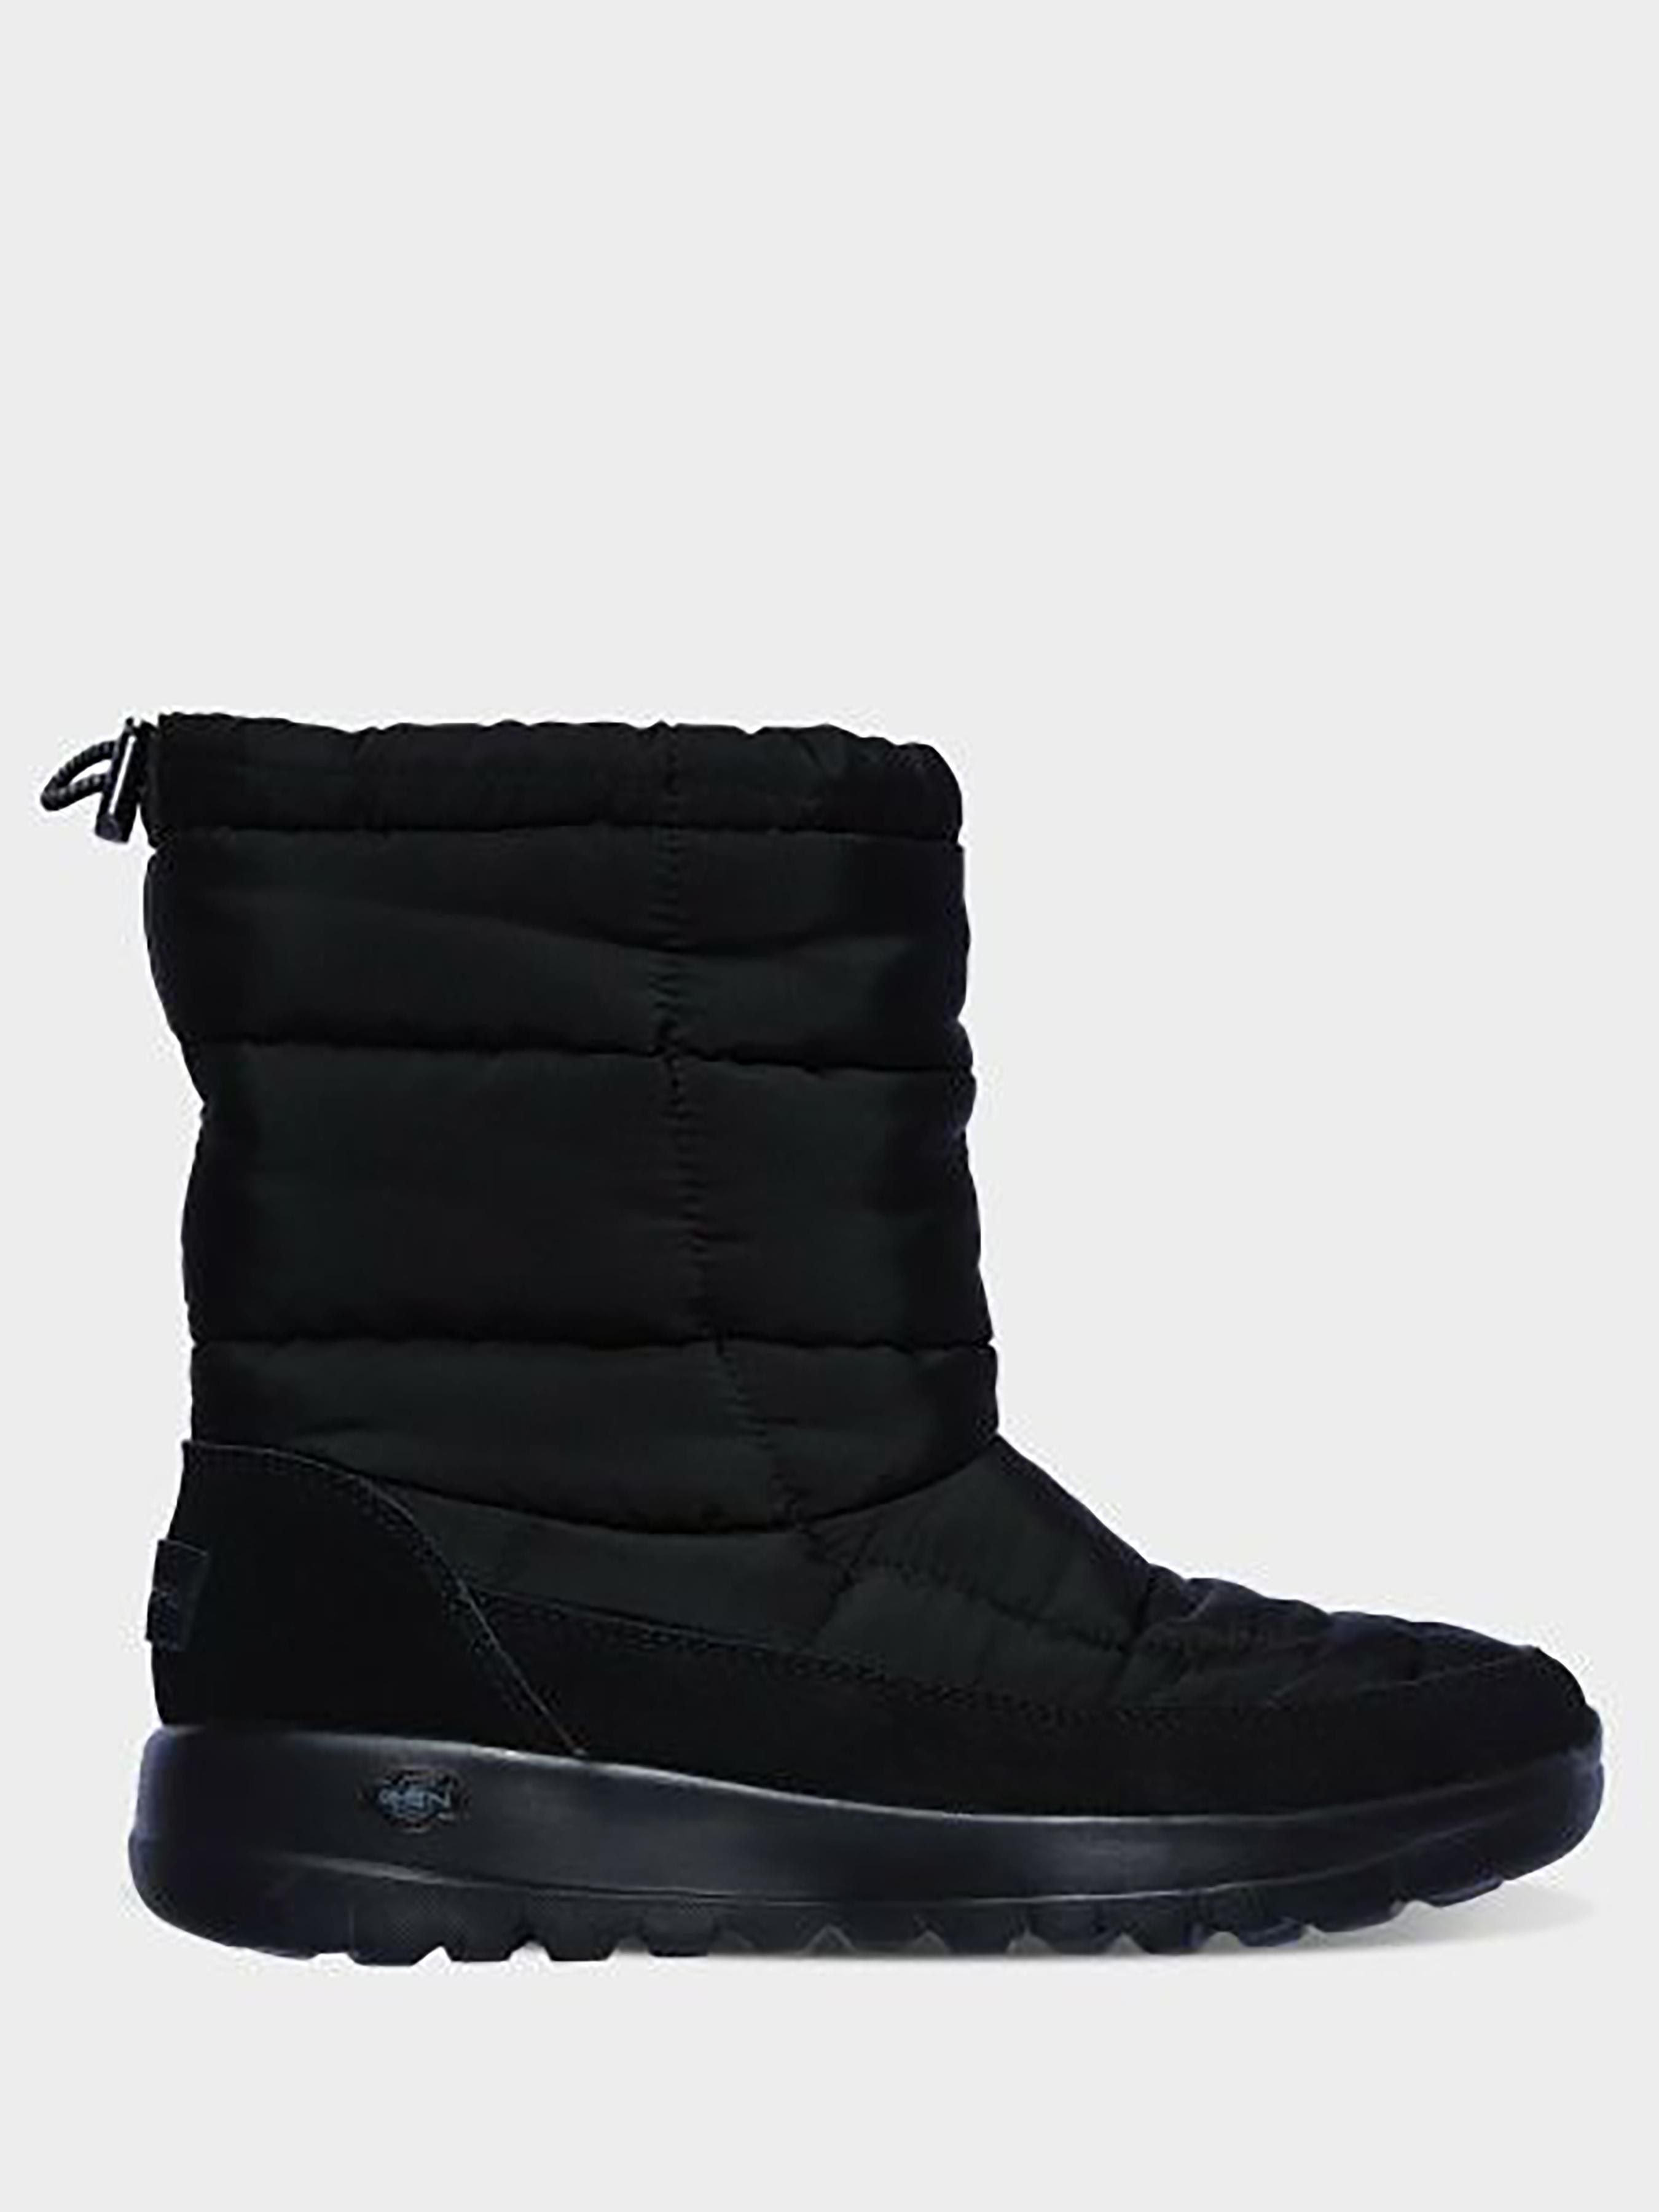 Сапоги для женщин Skechers KW5309 размерная сетка обуви, 2017